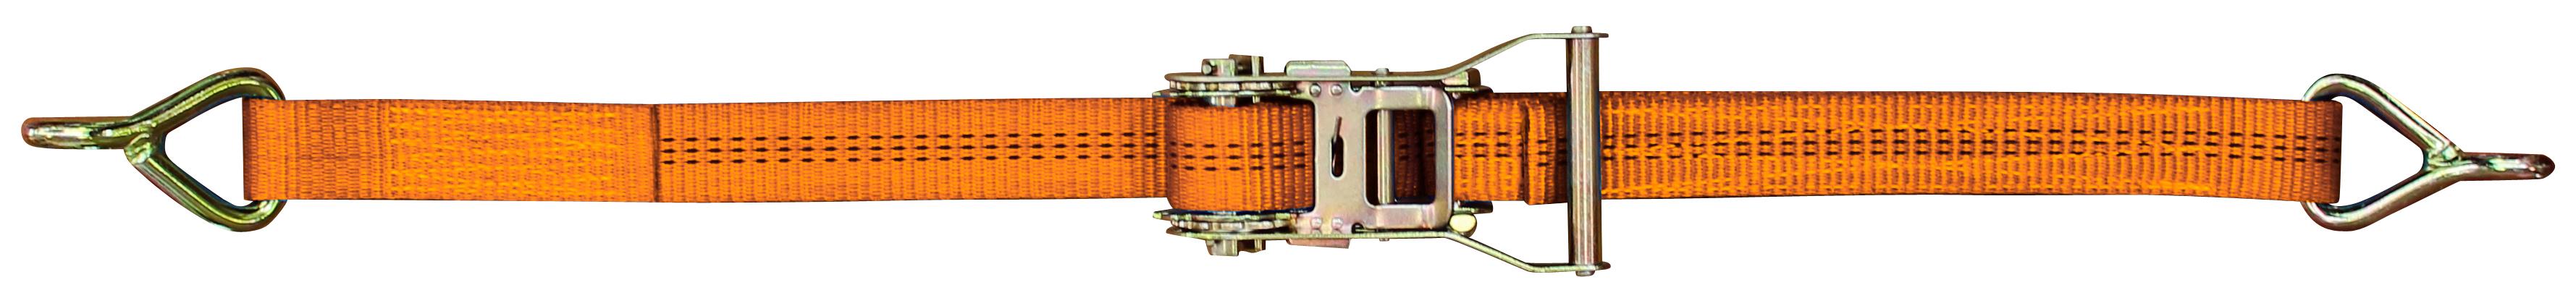 Ratschen Gurt zweiteilig 35 mm | 3.000 daN